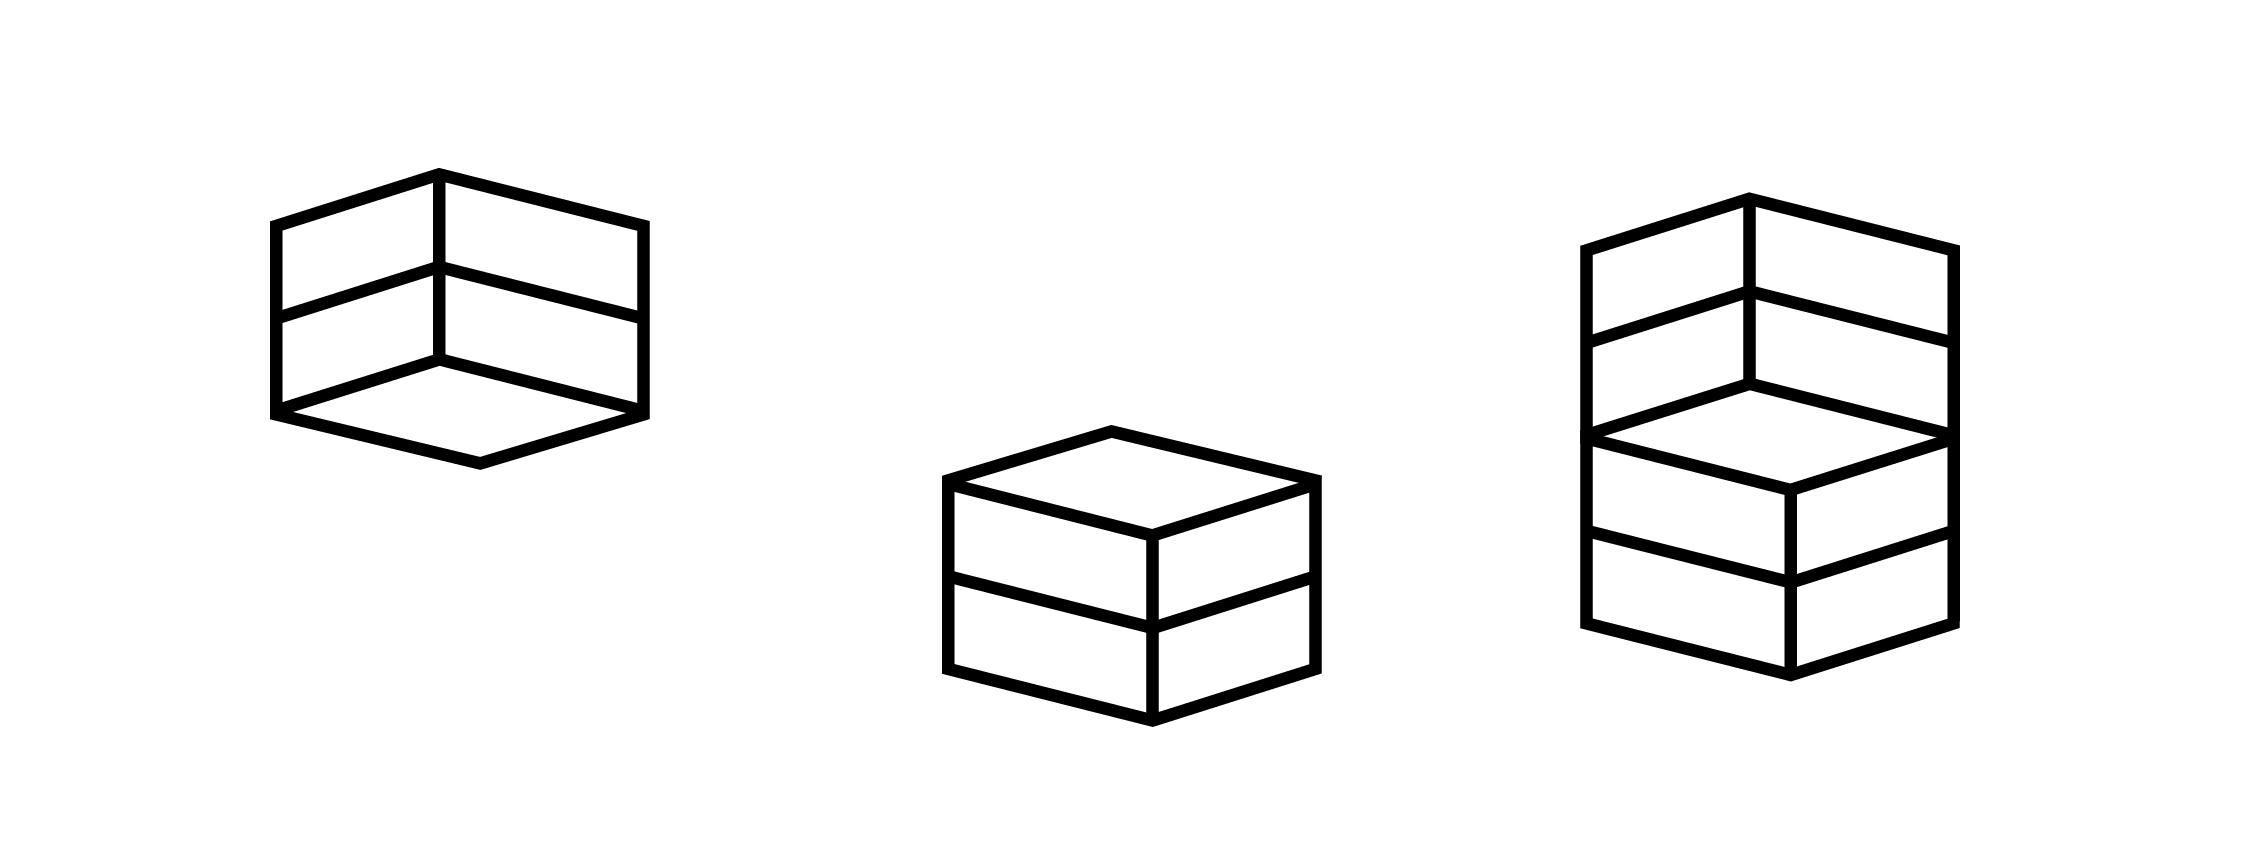 boxalteration-33.jpg